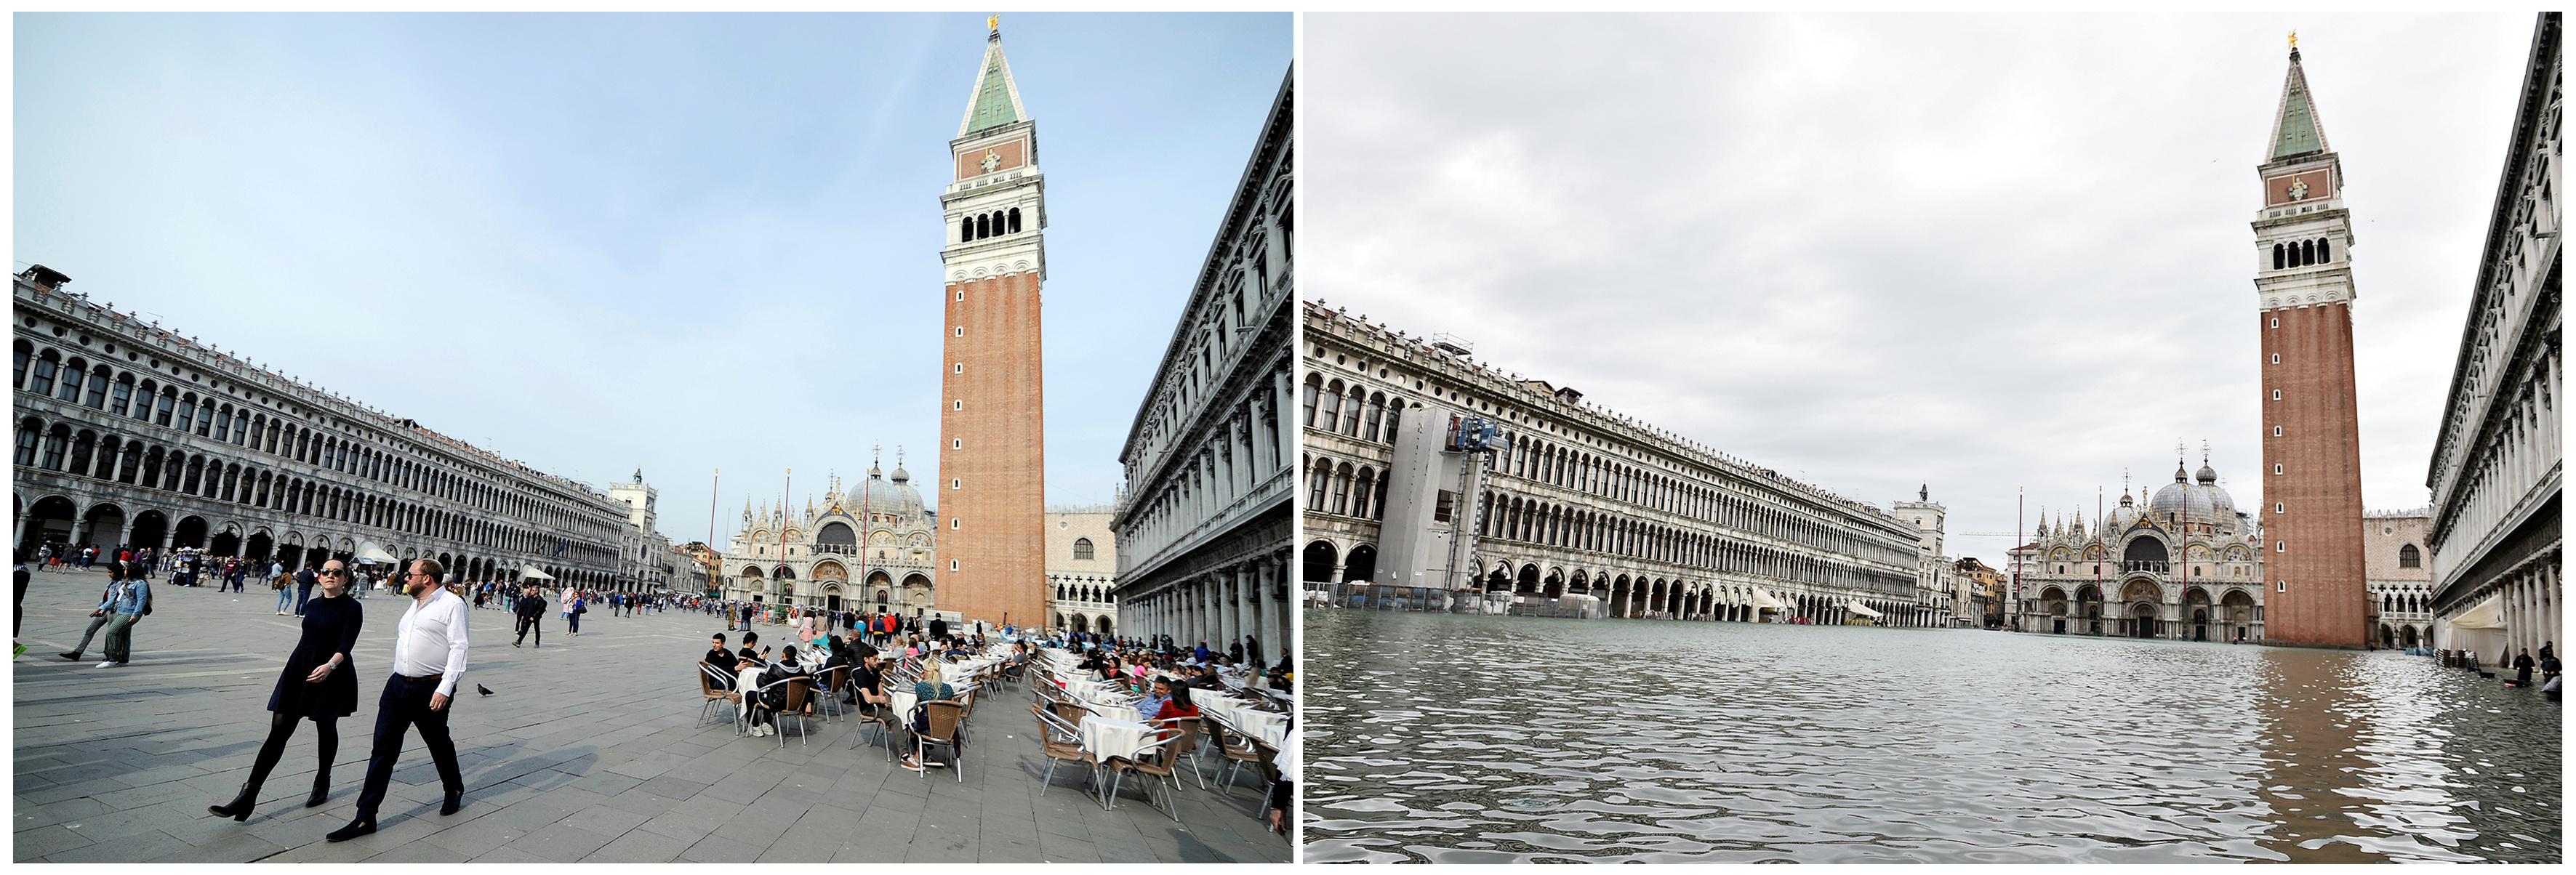 Los turistas ya no pueden recorrer el centro más tradicional de la ciudad italiana, ícono del país (REUTERS/Guglielmo Mangiapane, Flavio Lo Scalzo)